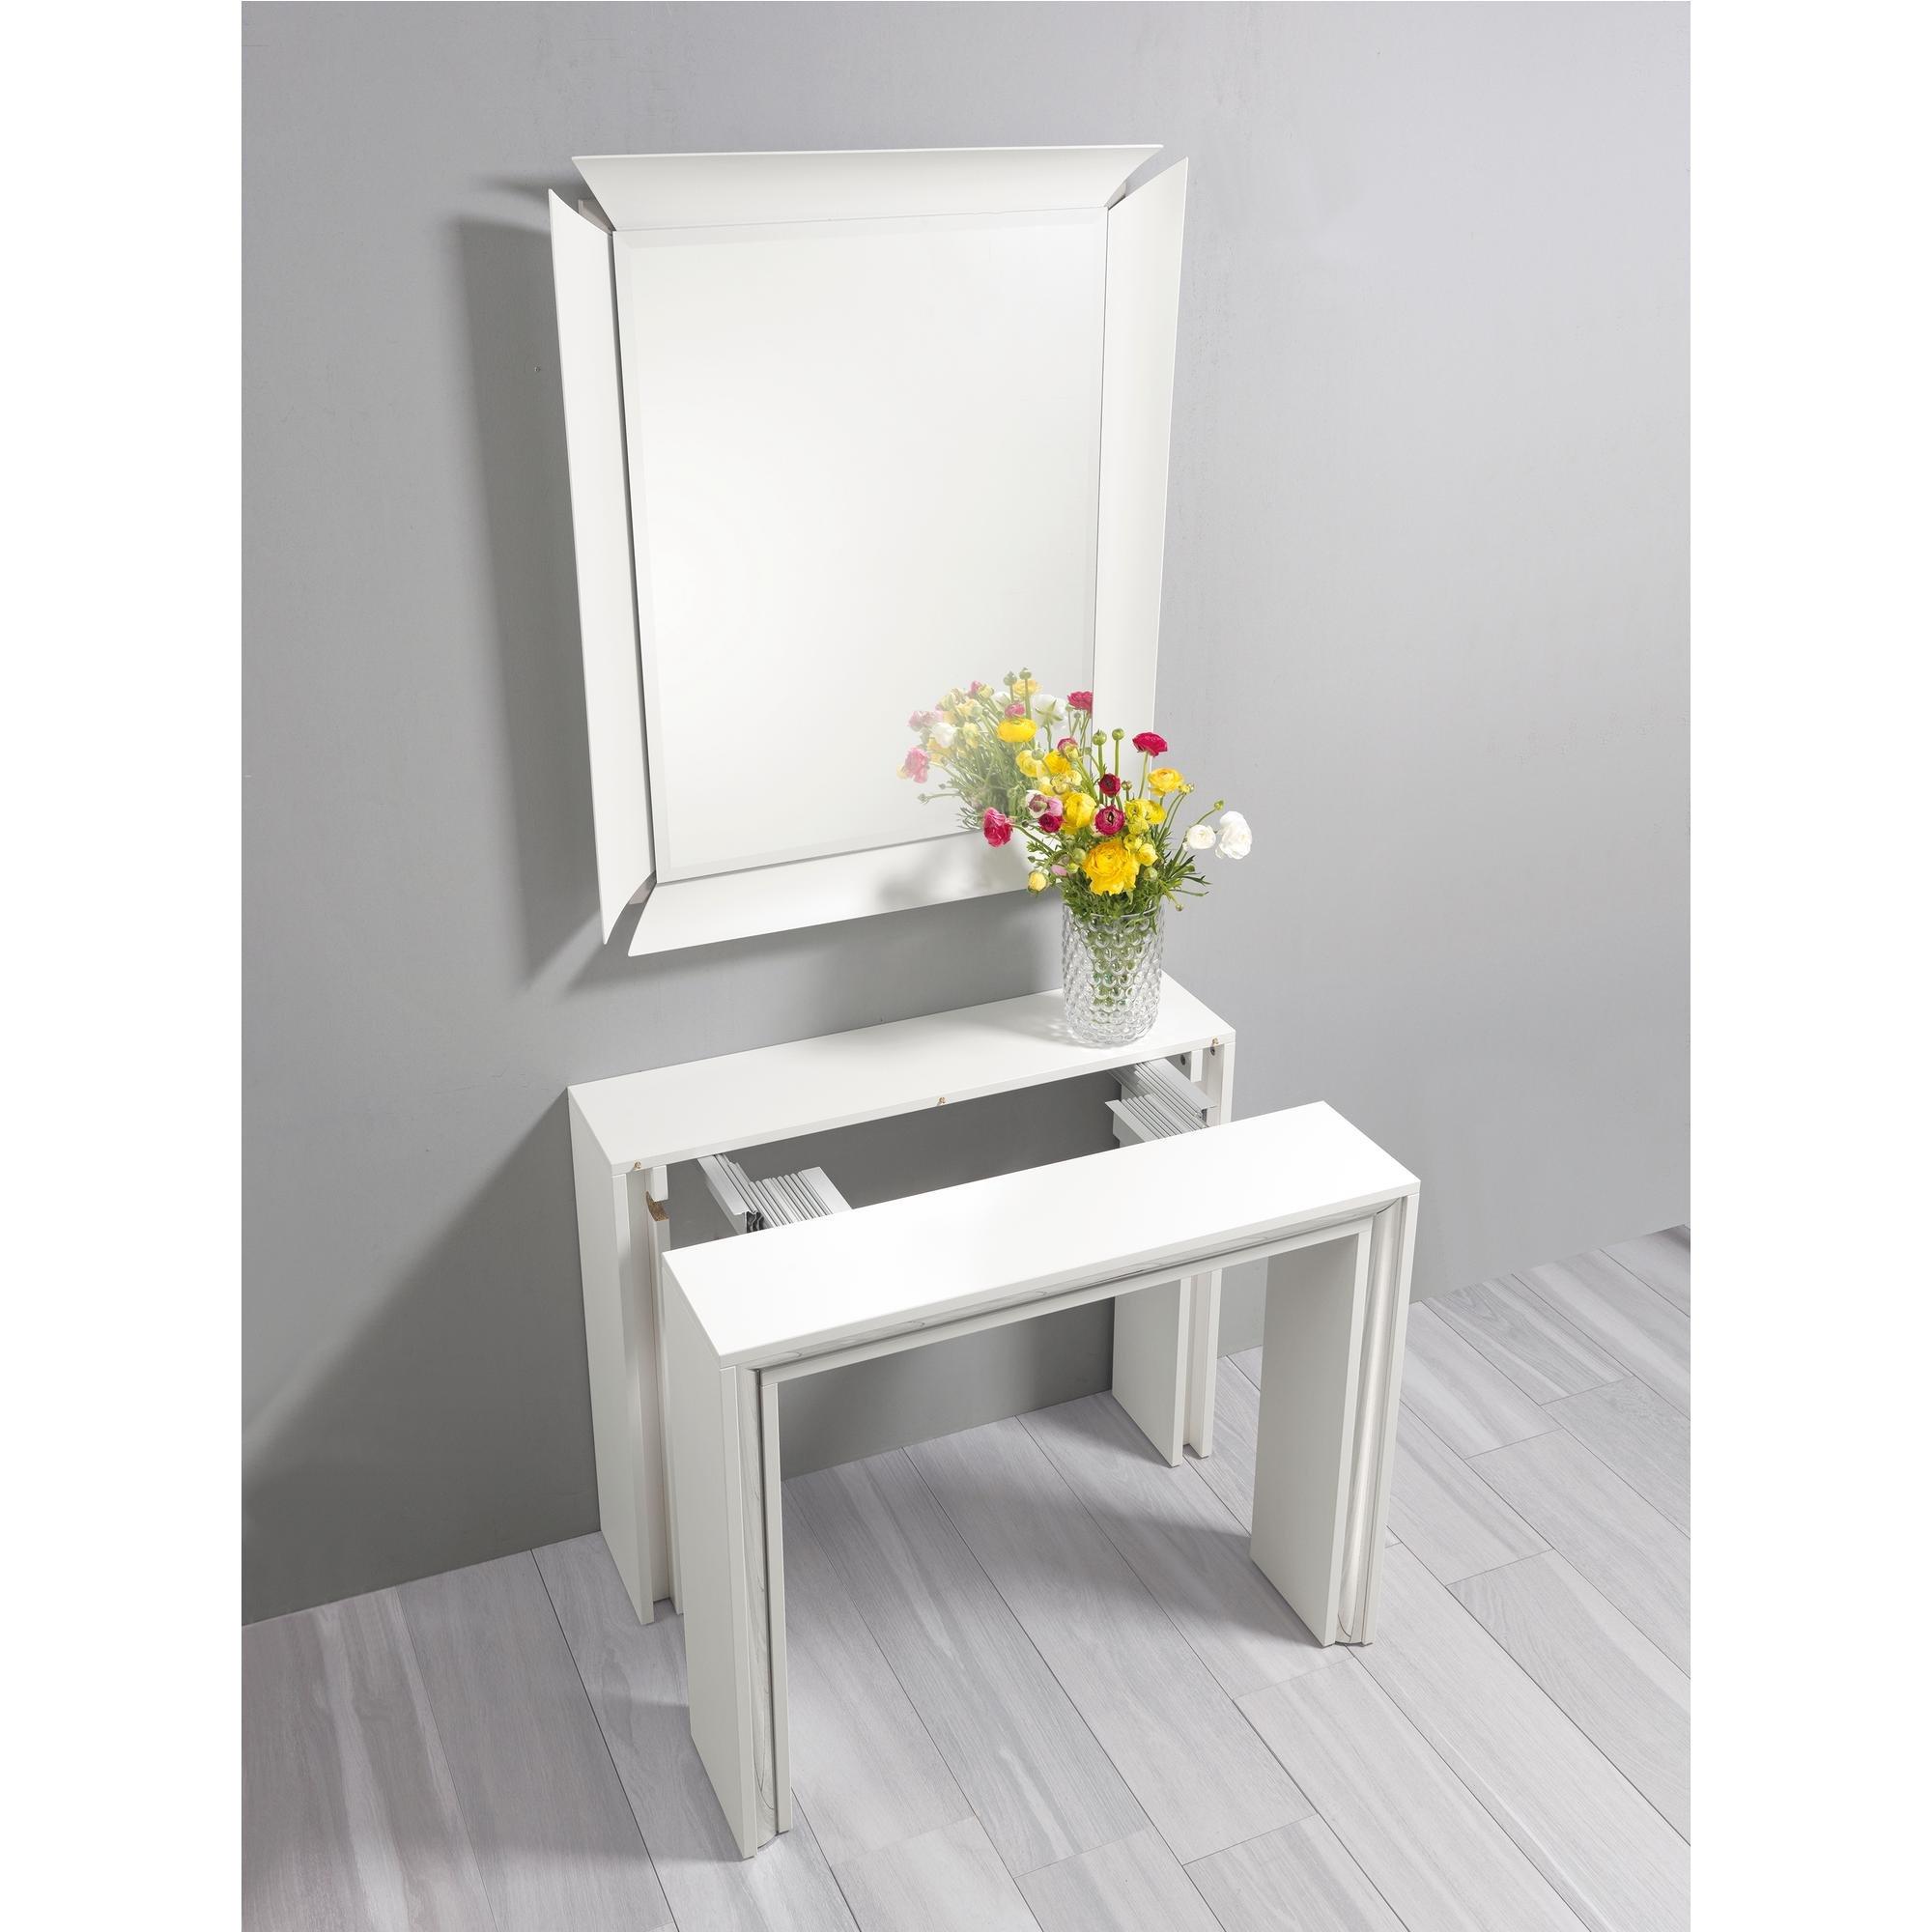 Salotto piccolo ikea idee per il design della casa - Tavolo piccolo ikea ...